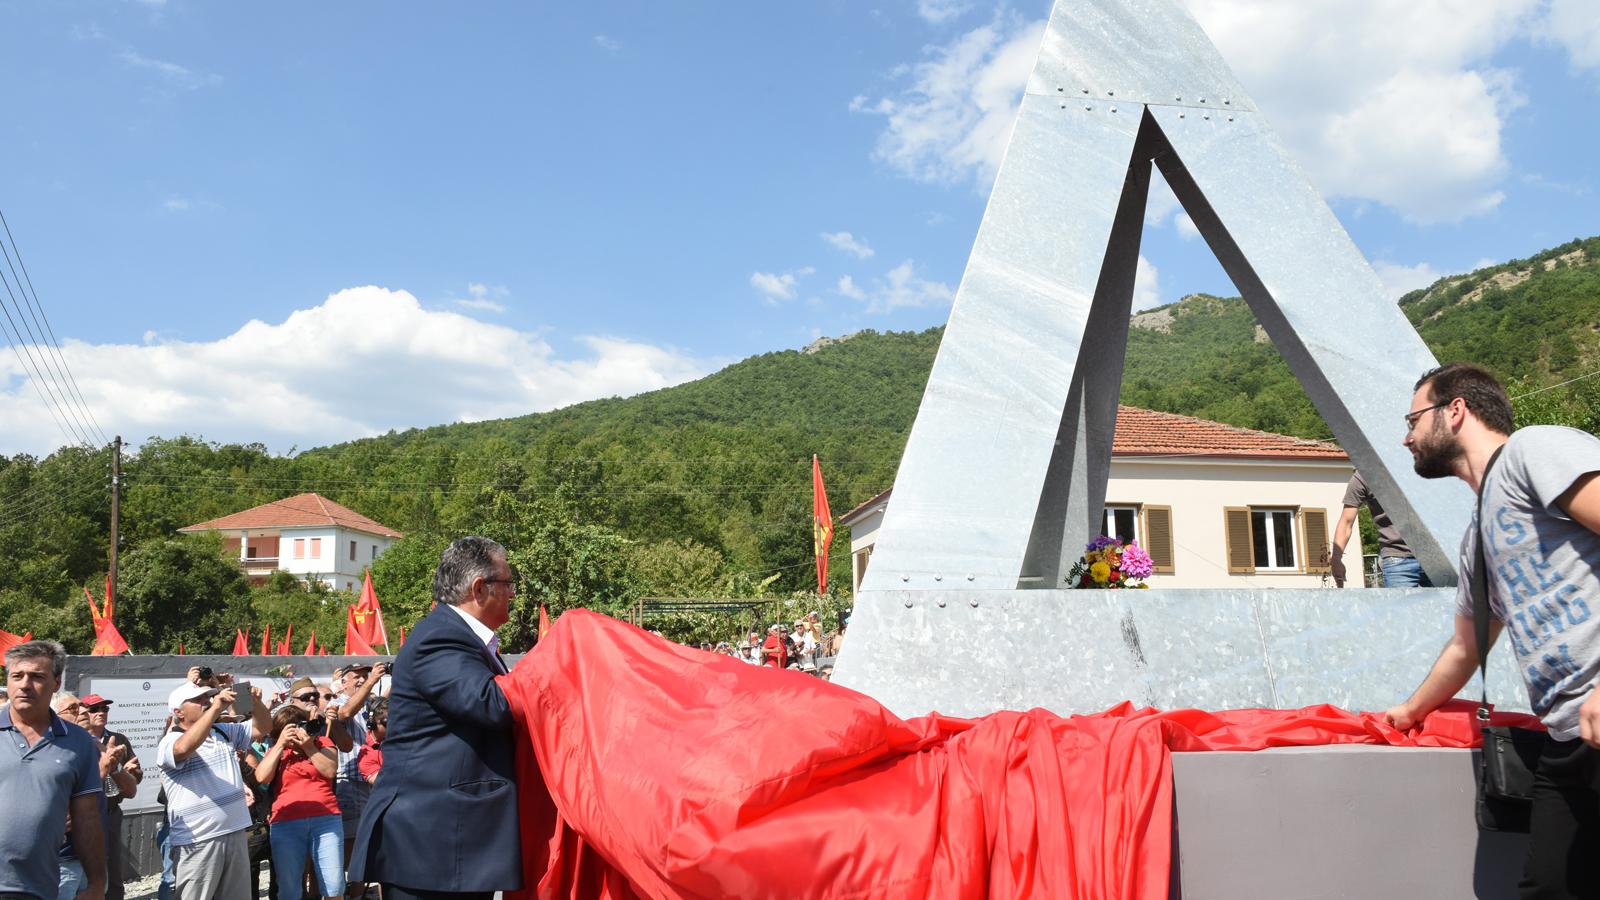 Τα αποκαλυπτήρια του Μνημείου από το Δημήτρη Κουτσούμπα.